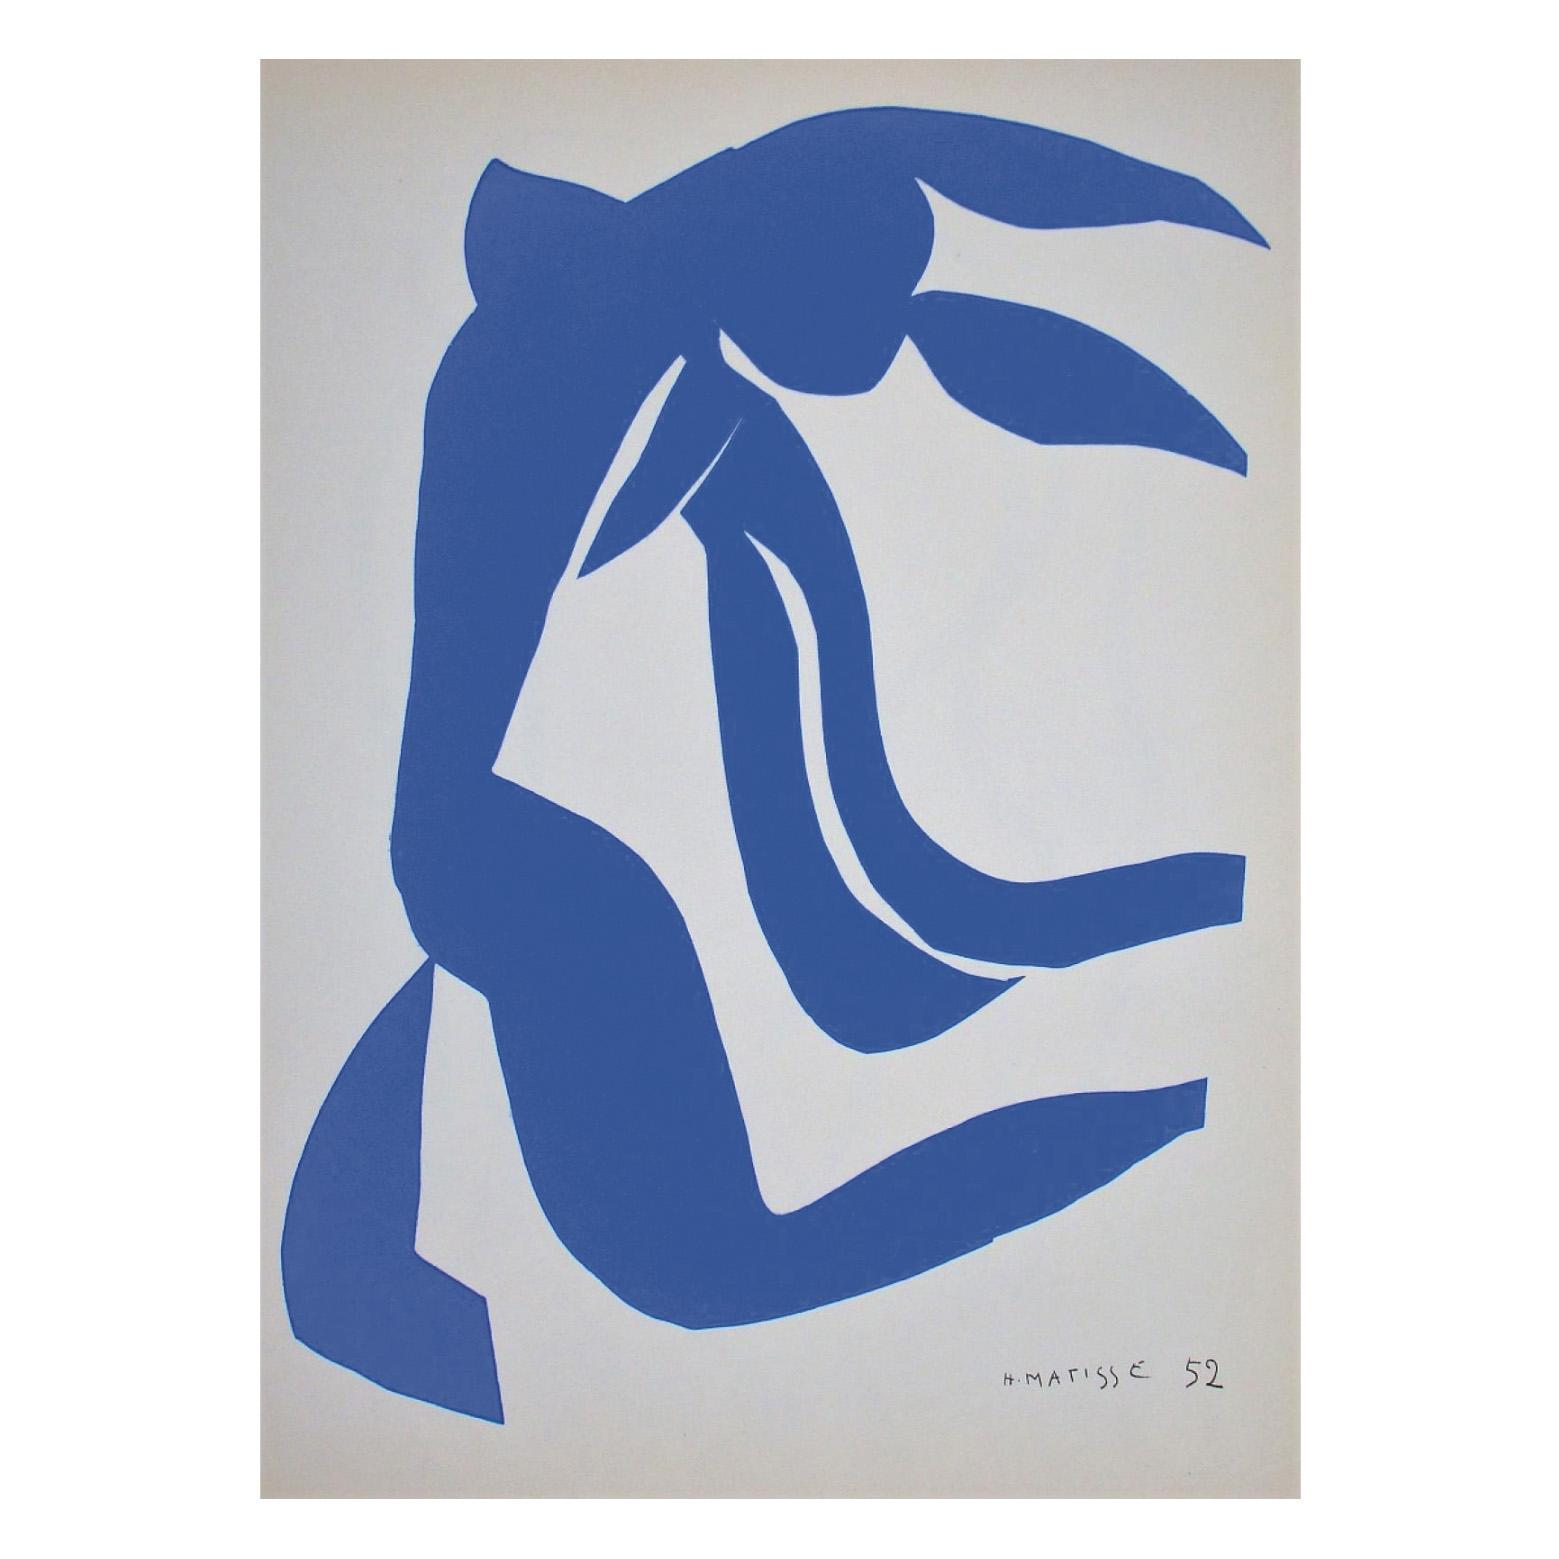 662€ Henri Matisse(1869-1954), LaChevelure, lithographie sur vélin signée, atelier Art-Litho imprimeur et Artvalue éditeur, 200ex., 76